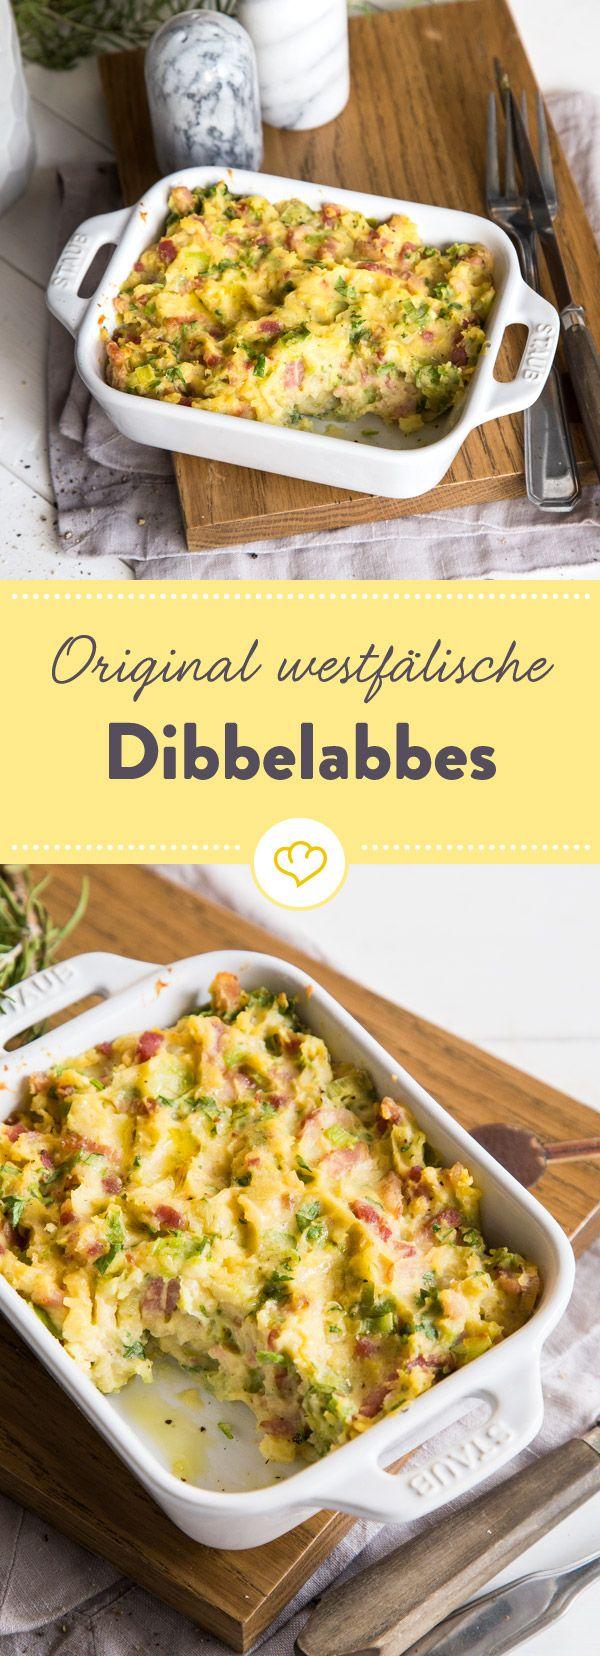 Wenn du auf Rösti, Zwiebeln und Speck magst, wirst du Dibbelabbes lieben. Dieser süddeutsche Pfannen Auflauf ist einfach und schnell gemacht.